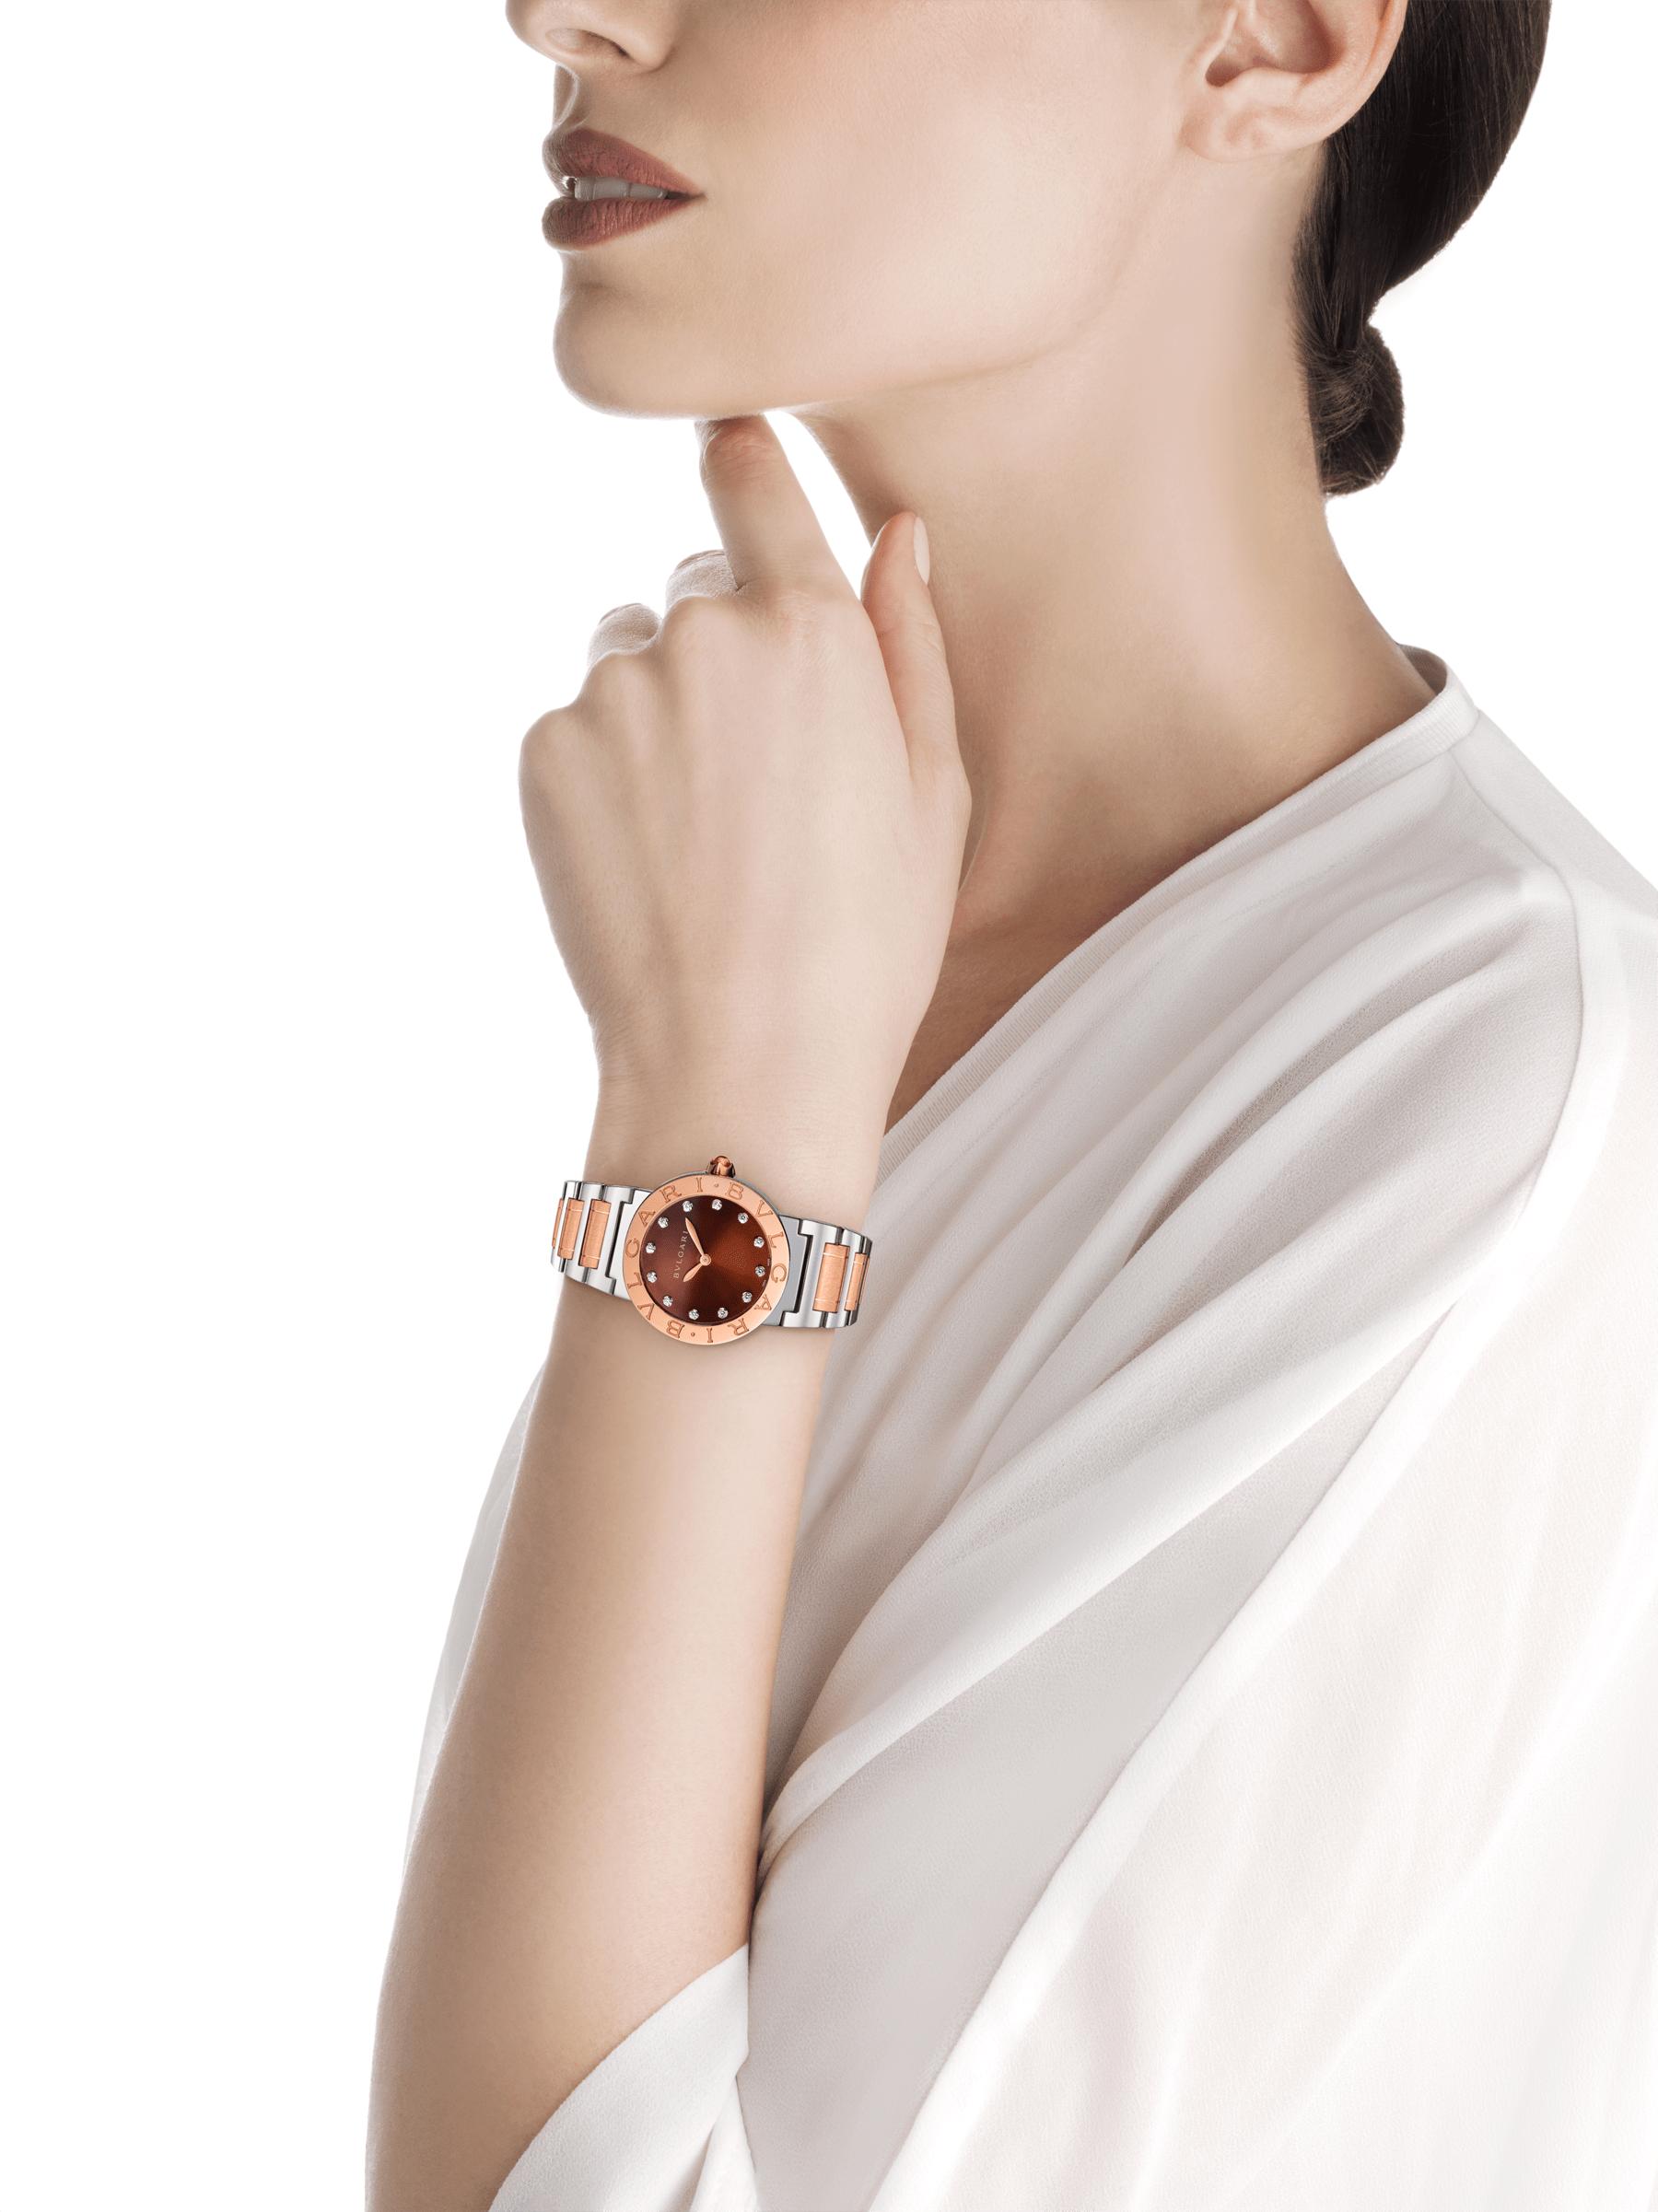 Montre BVLGARI BVLGARI avec boîtier et bracelet en or rose 18K et acier inoxydable, cadran laqué brun soleil et index sertis de diamants. Petit modèle. 102155 image 4